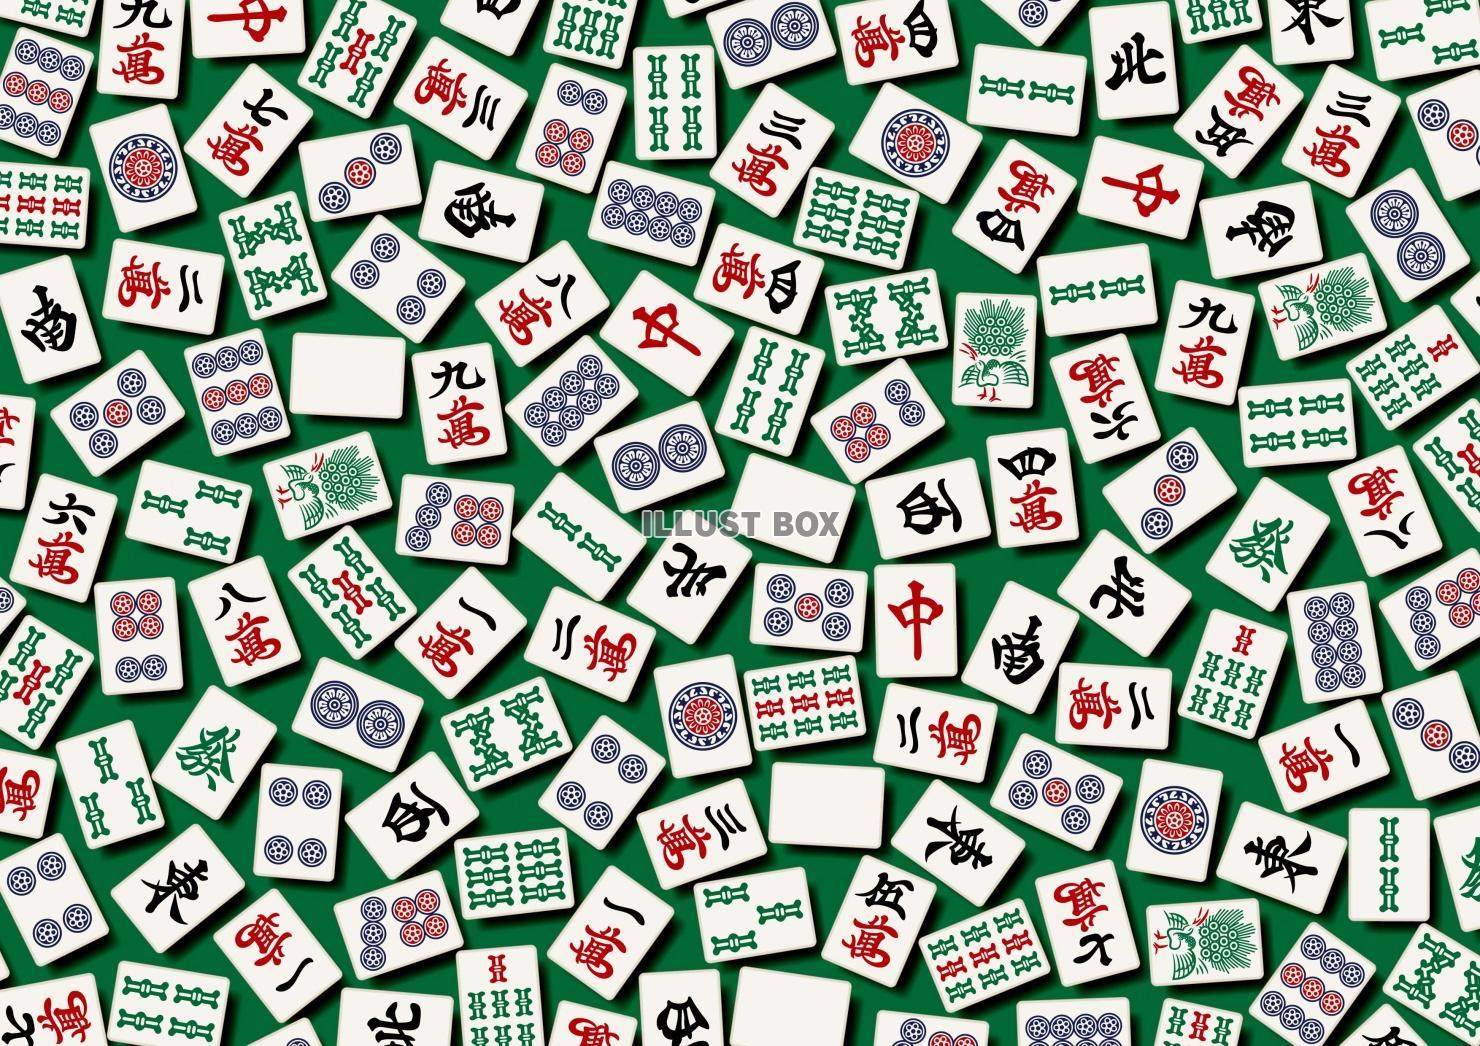 無料イラスト 麻雀牌の壁紙 マージャンのイメージ